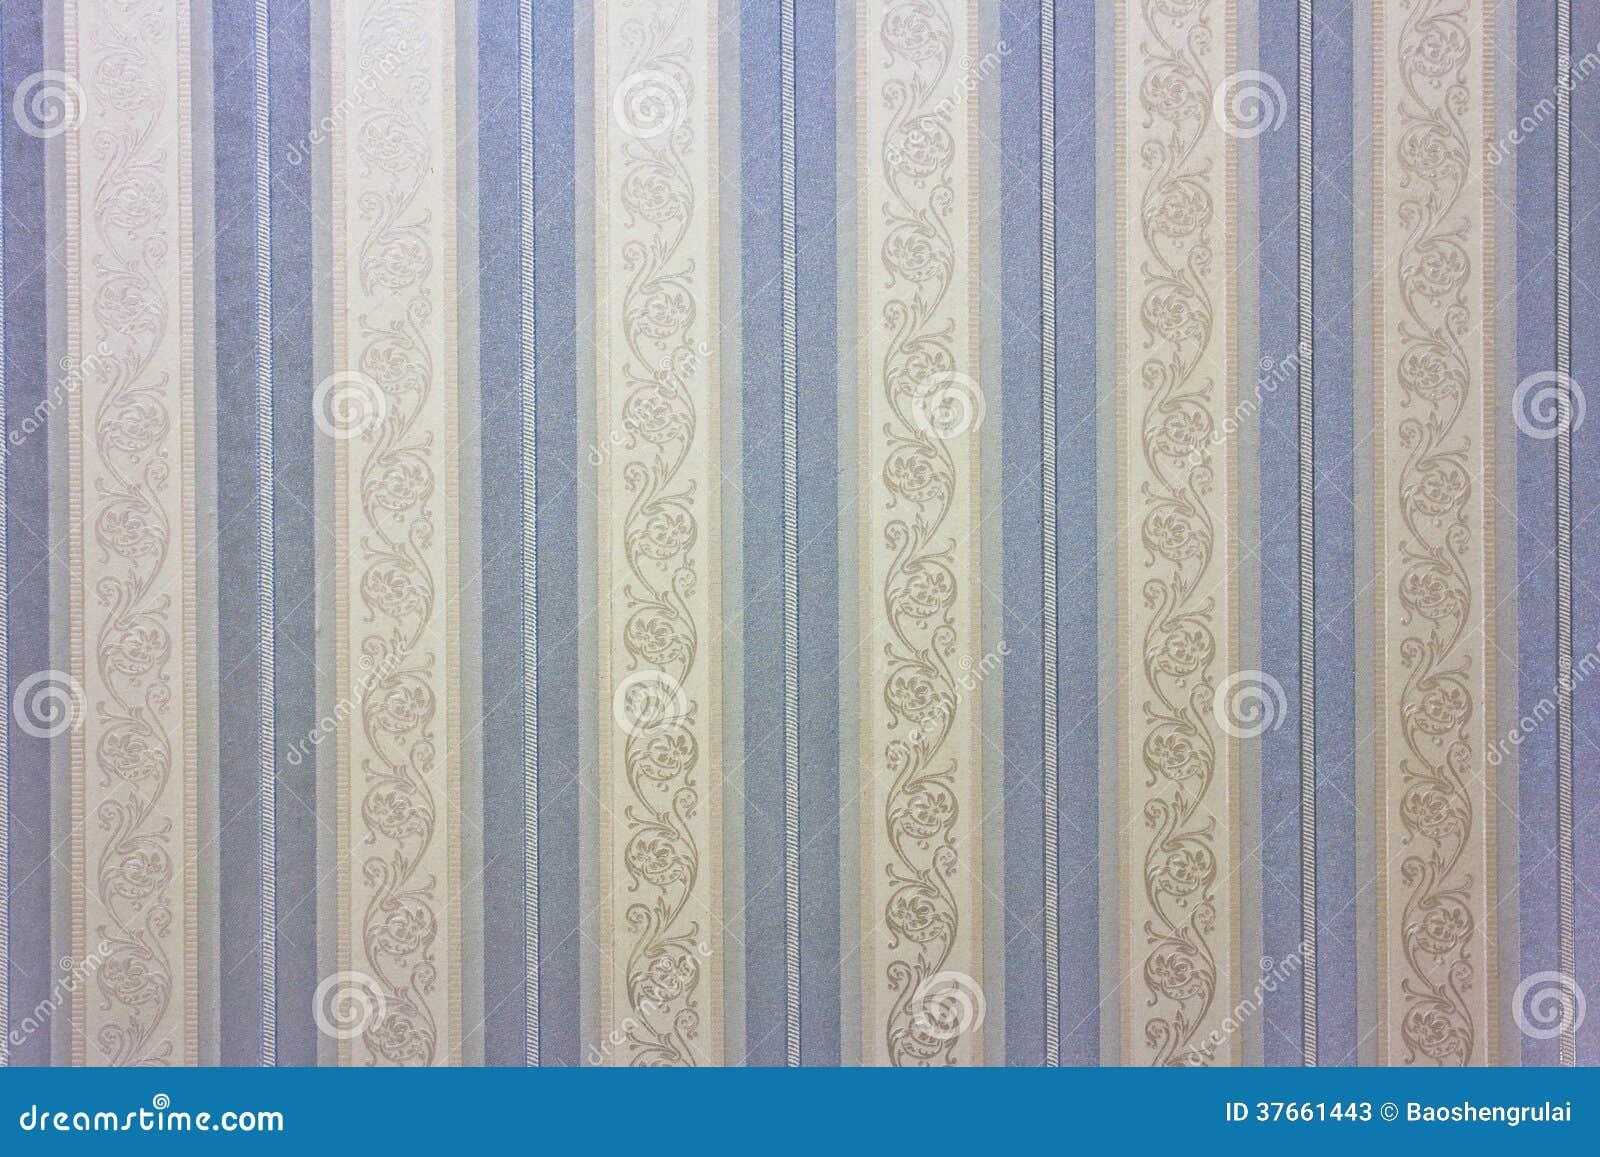 Blaue gestreifte tapete stock abbildung illustration von for Blaue tapete